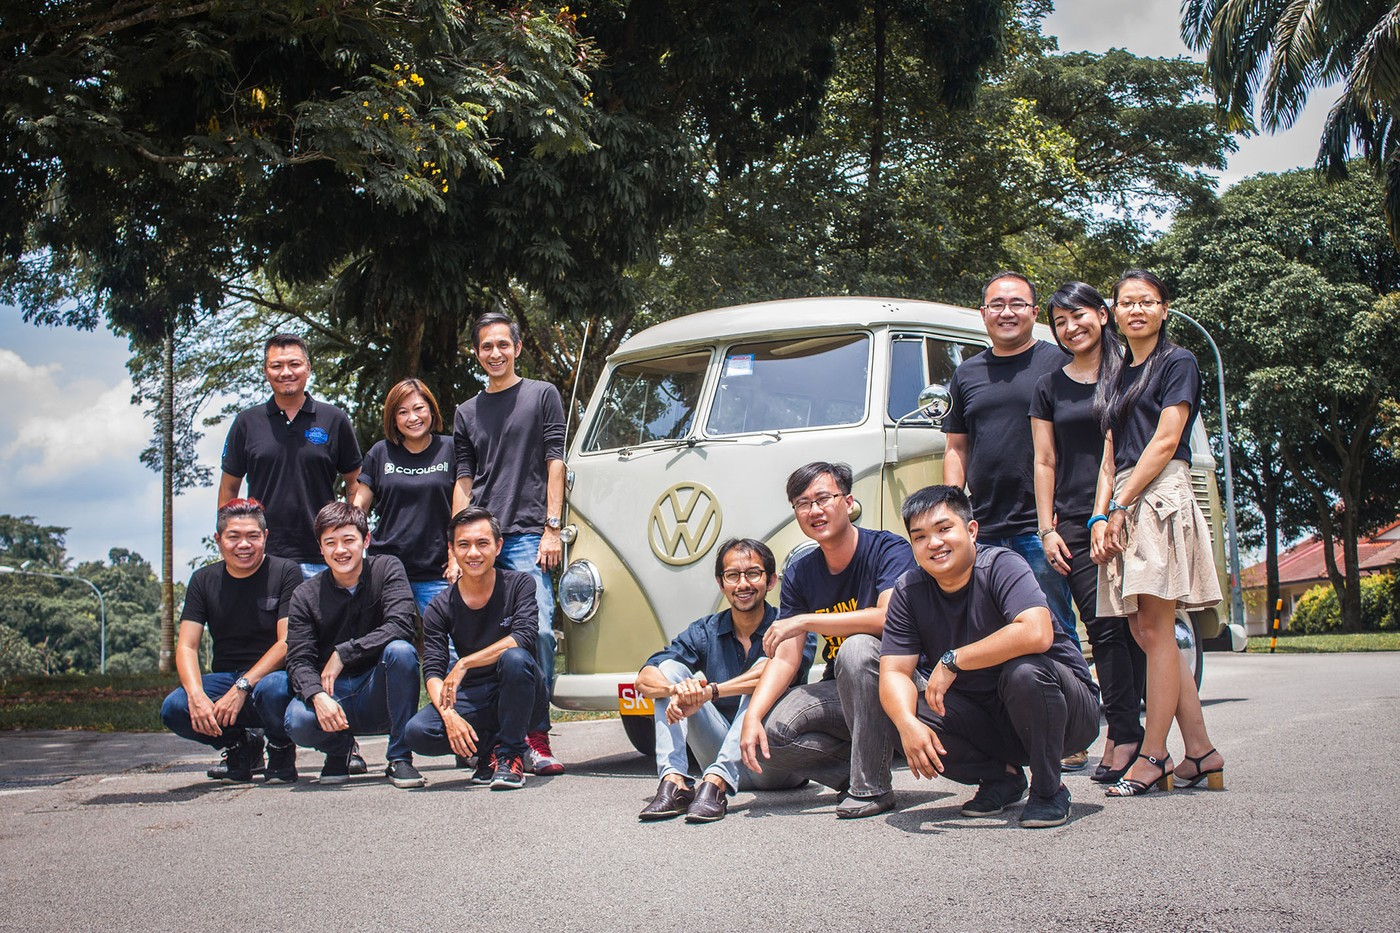 再發起人才併購!旋轉拍賣併購新加坡汽車廣告平台Caarly